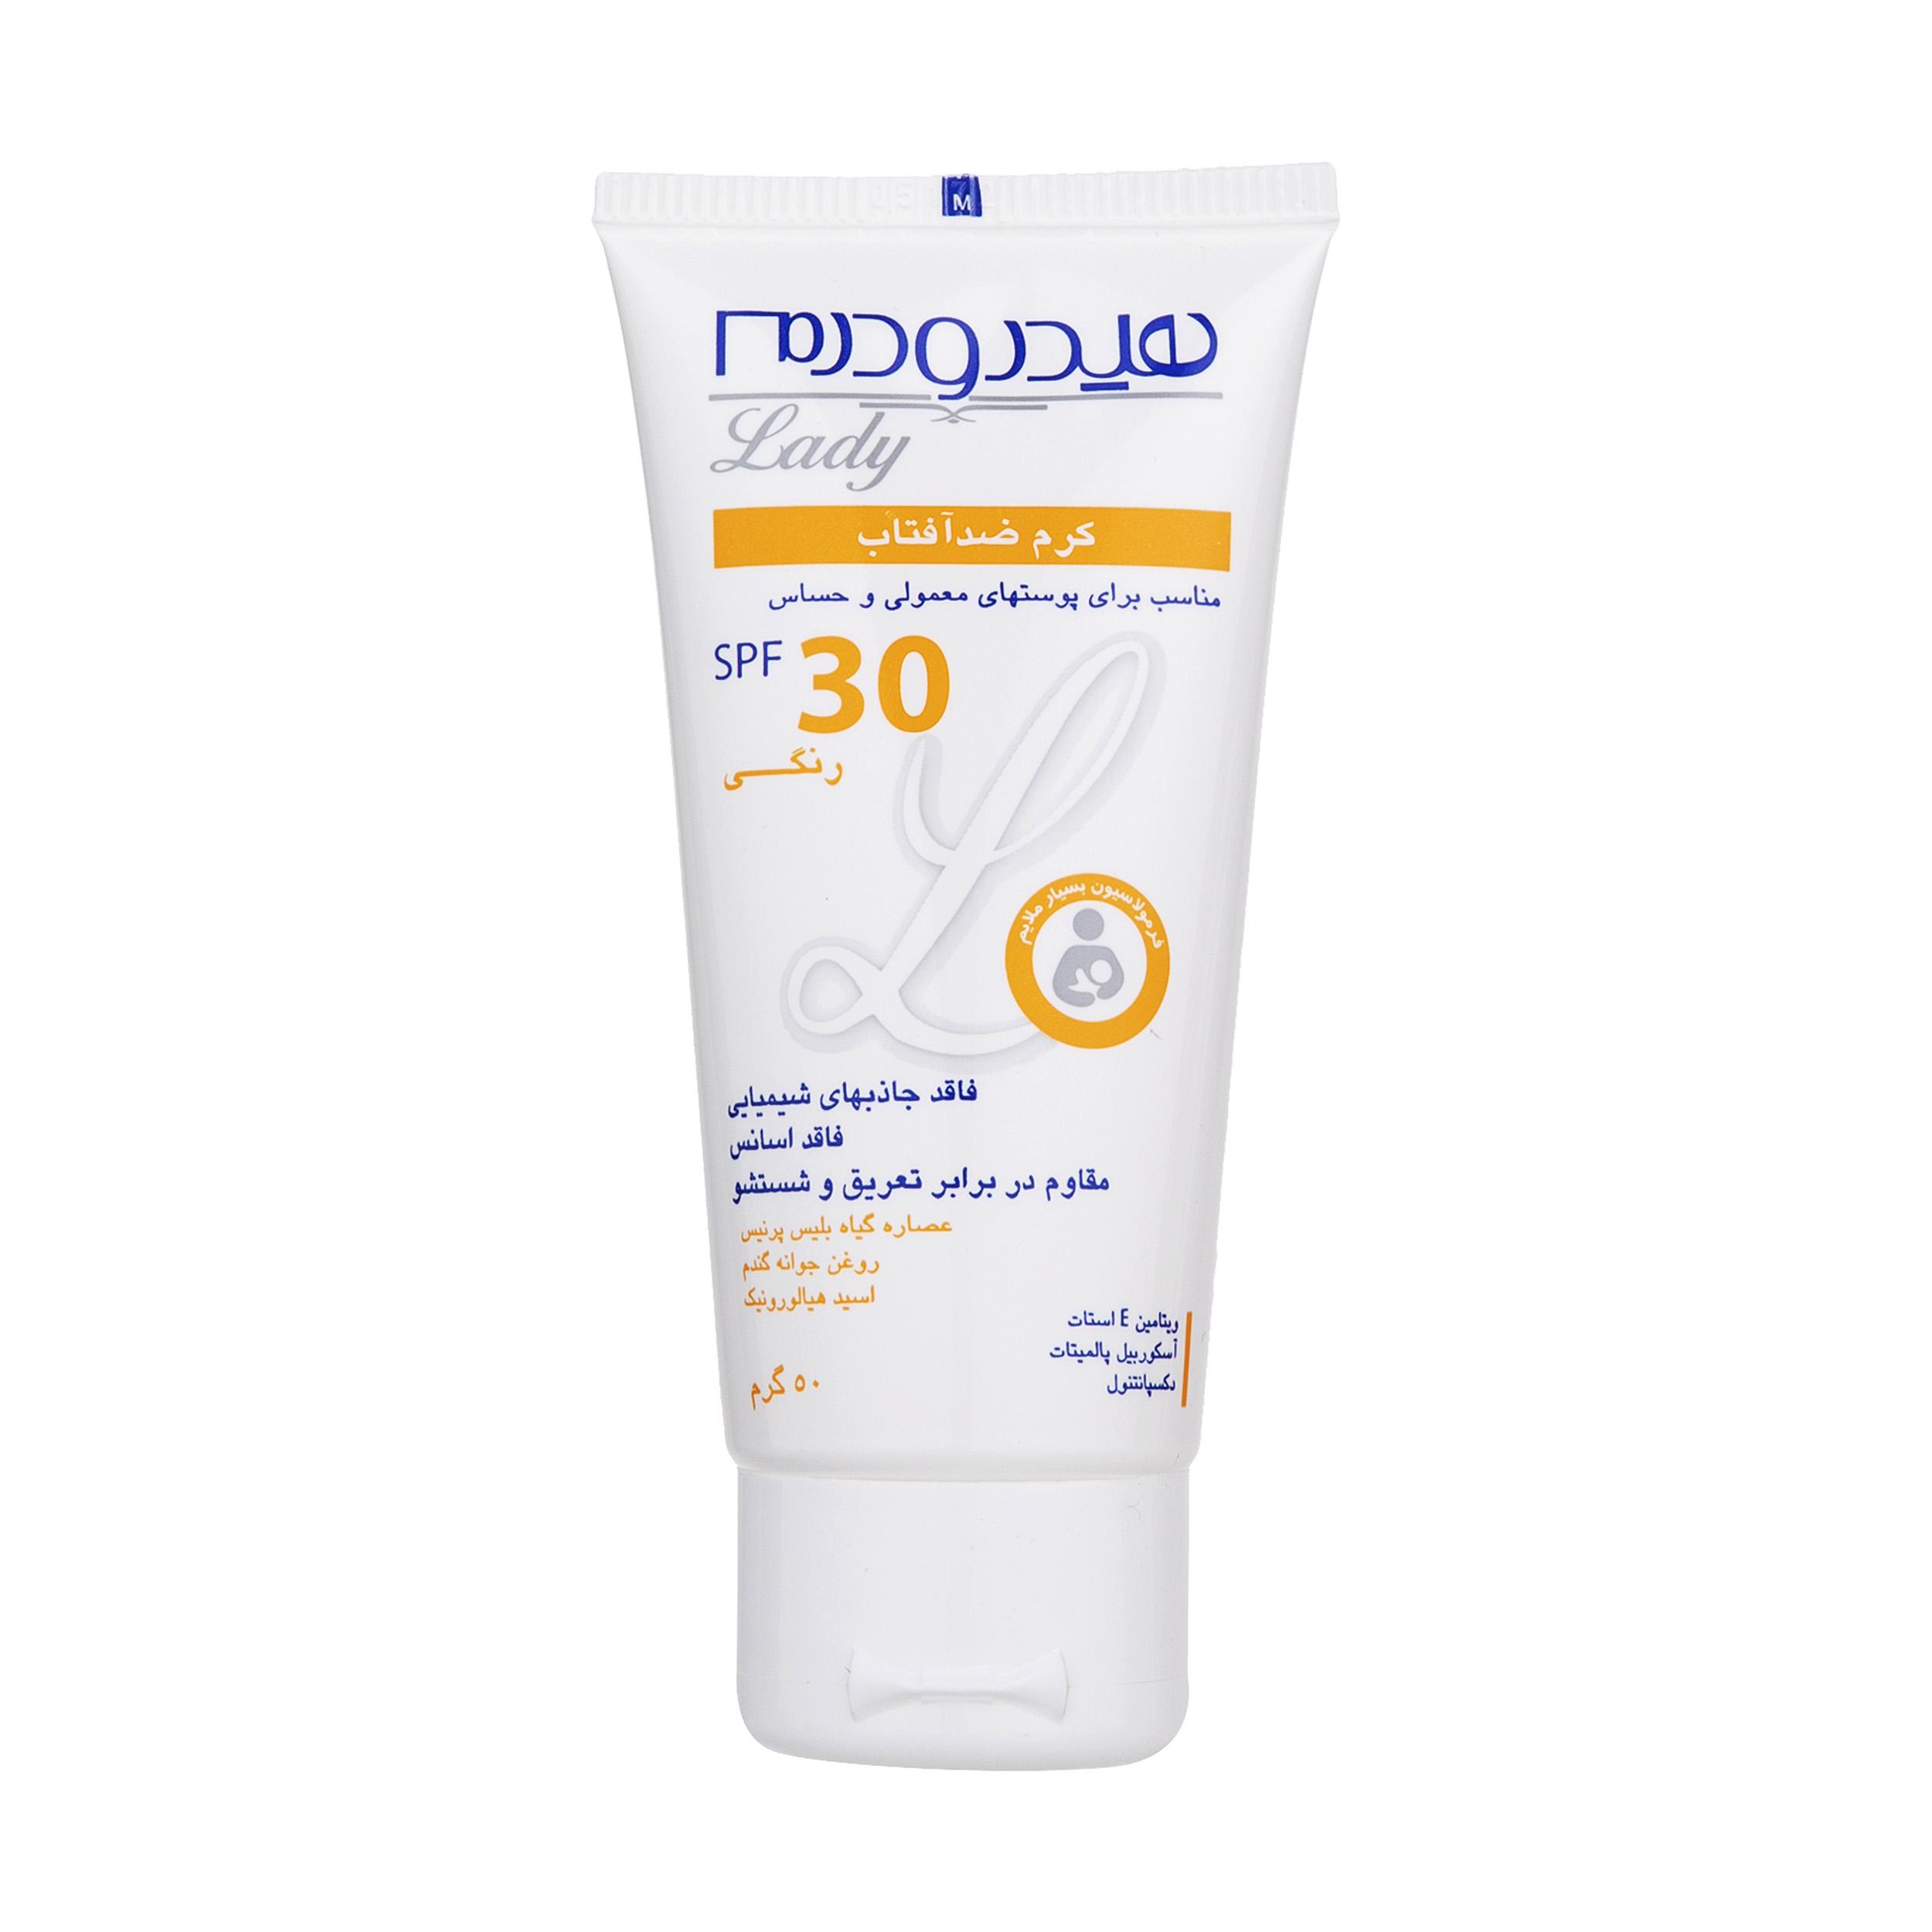 قیمت کرم ضد آفتاب هیدرودرم سری Lady SPF30 وزن 50 گرم